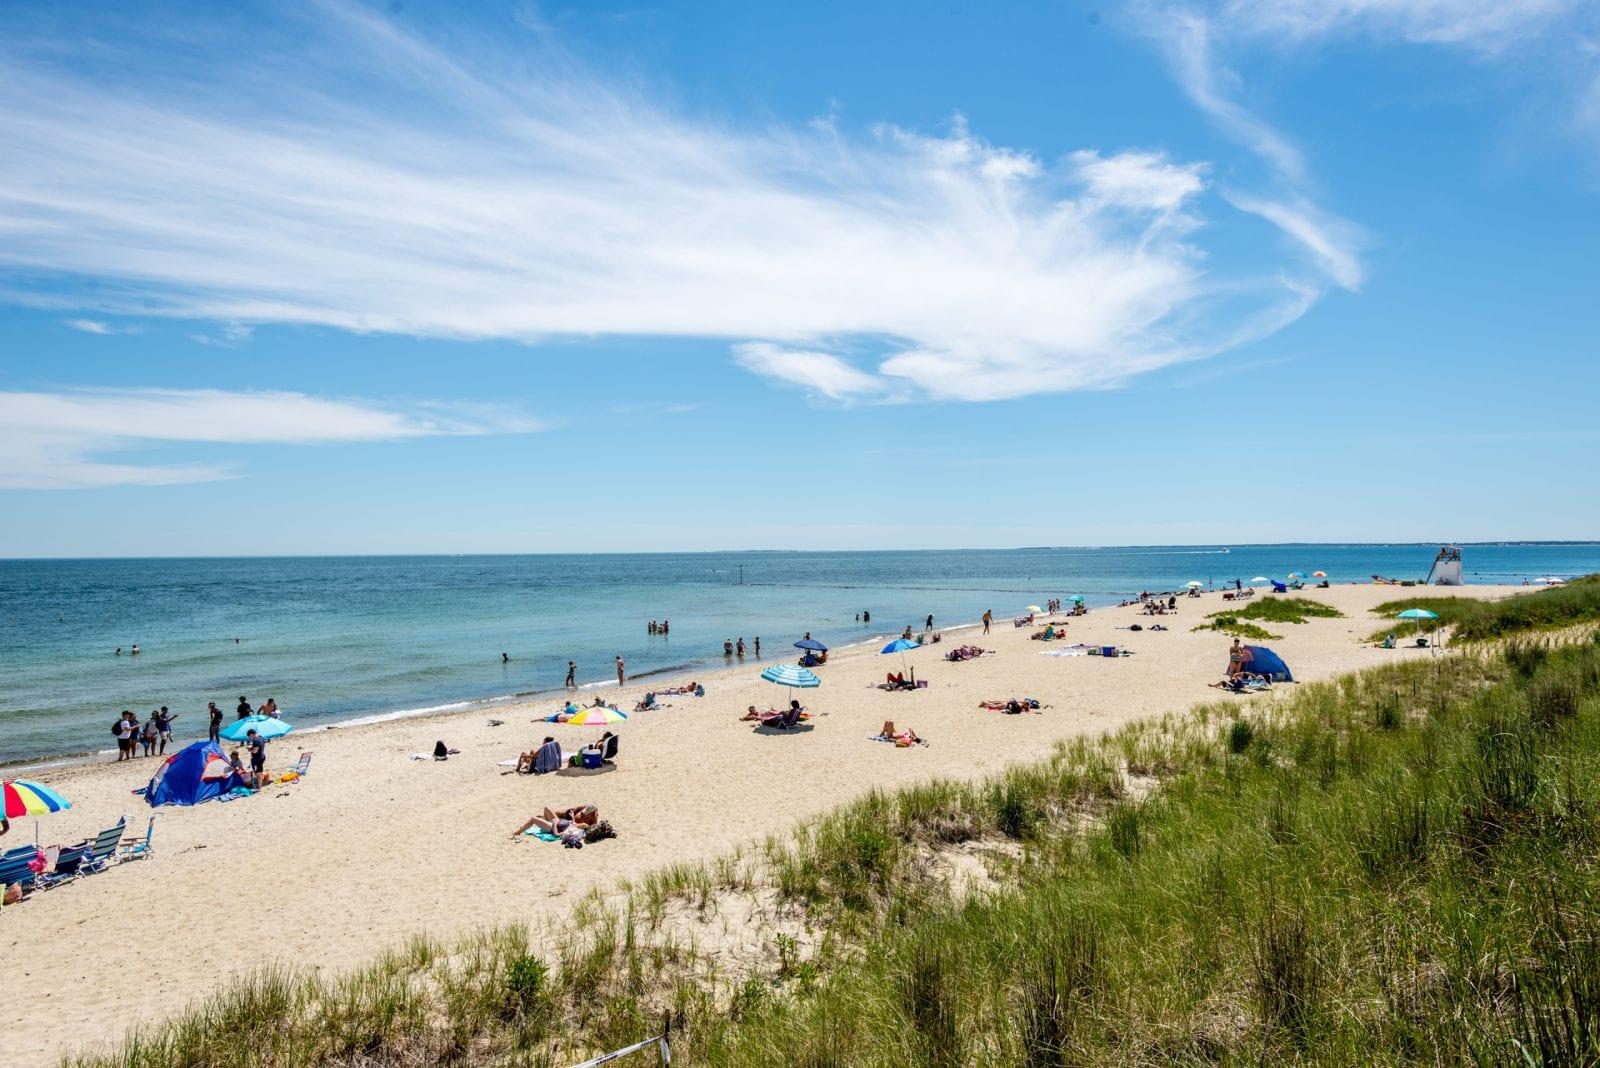 Martha's Vineyard Vacation Rentals Sale Summer 2019